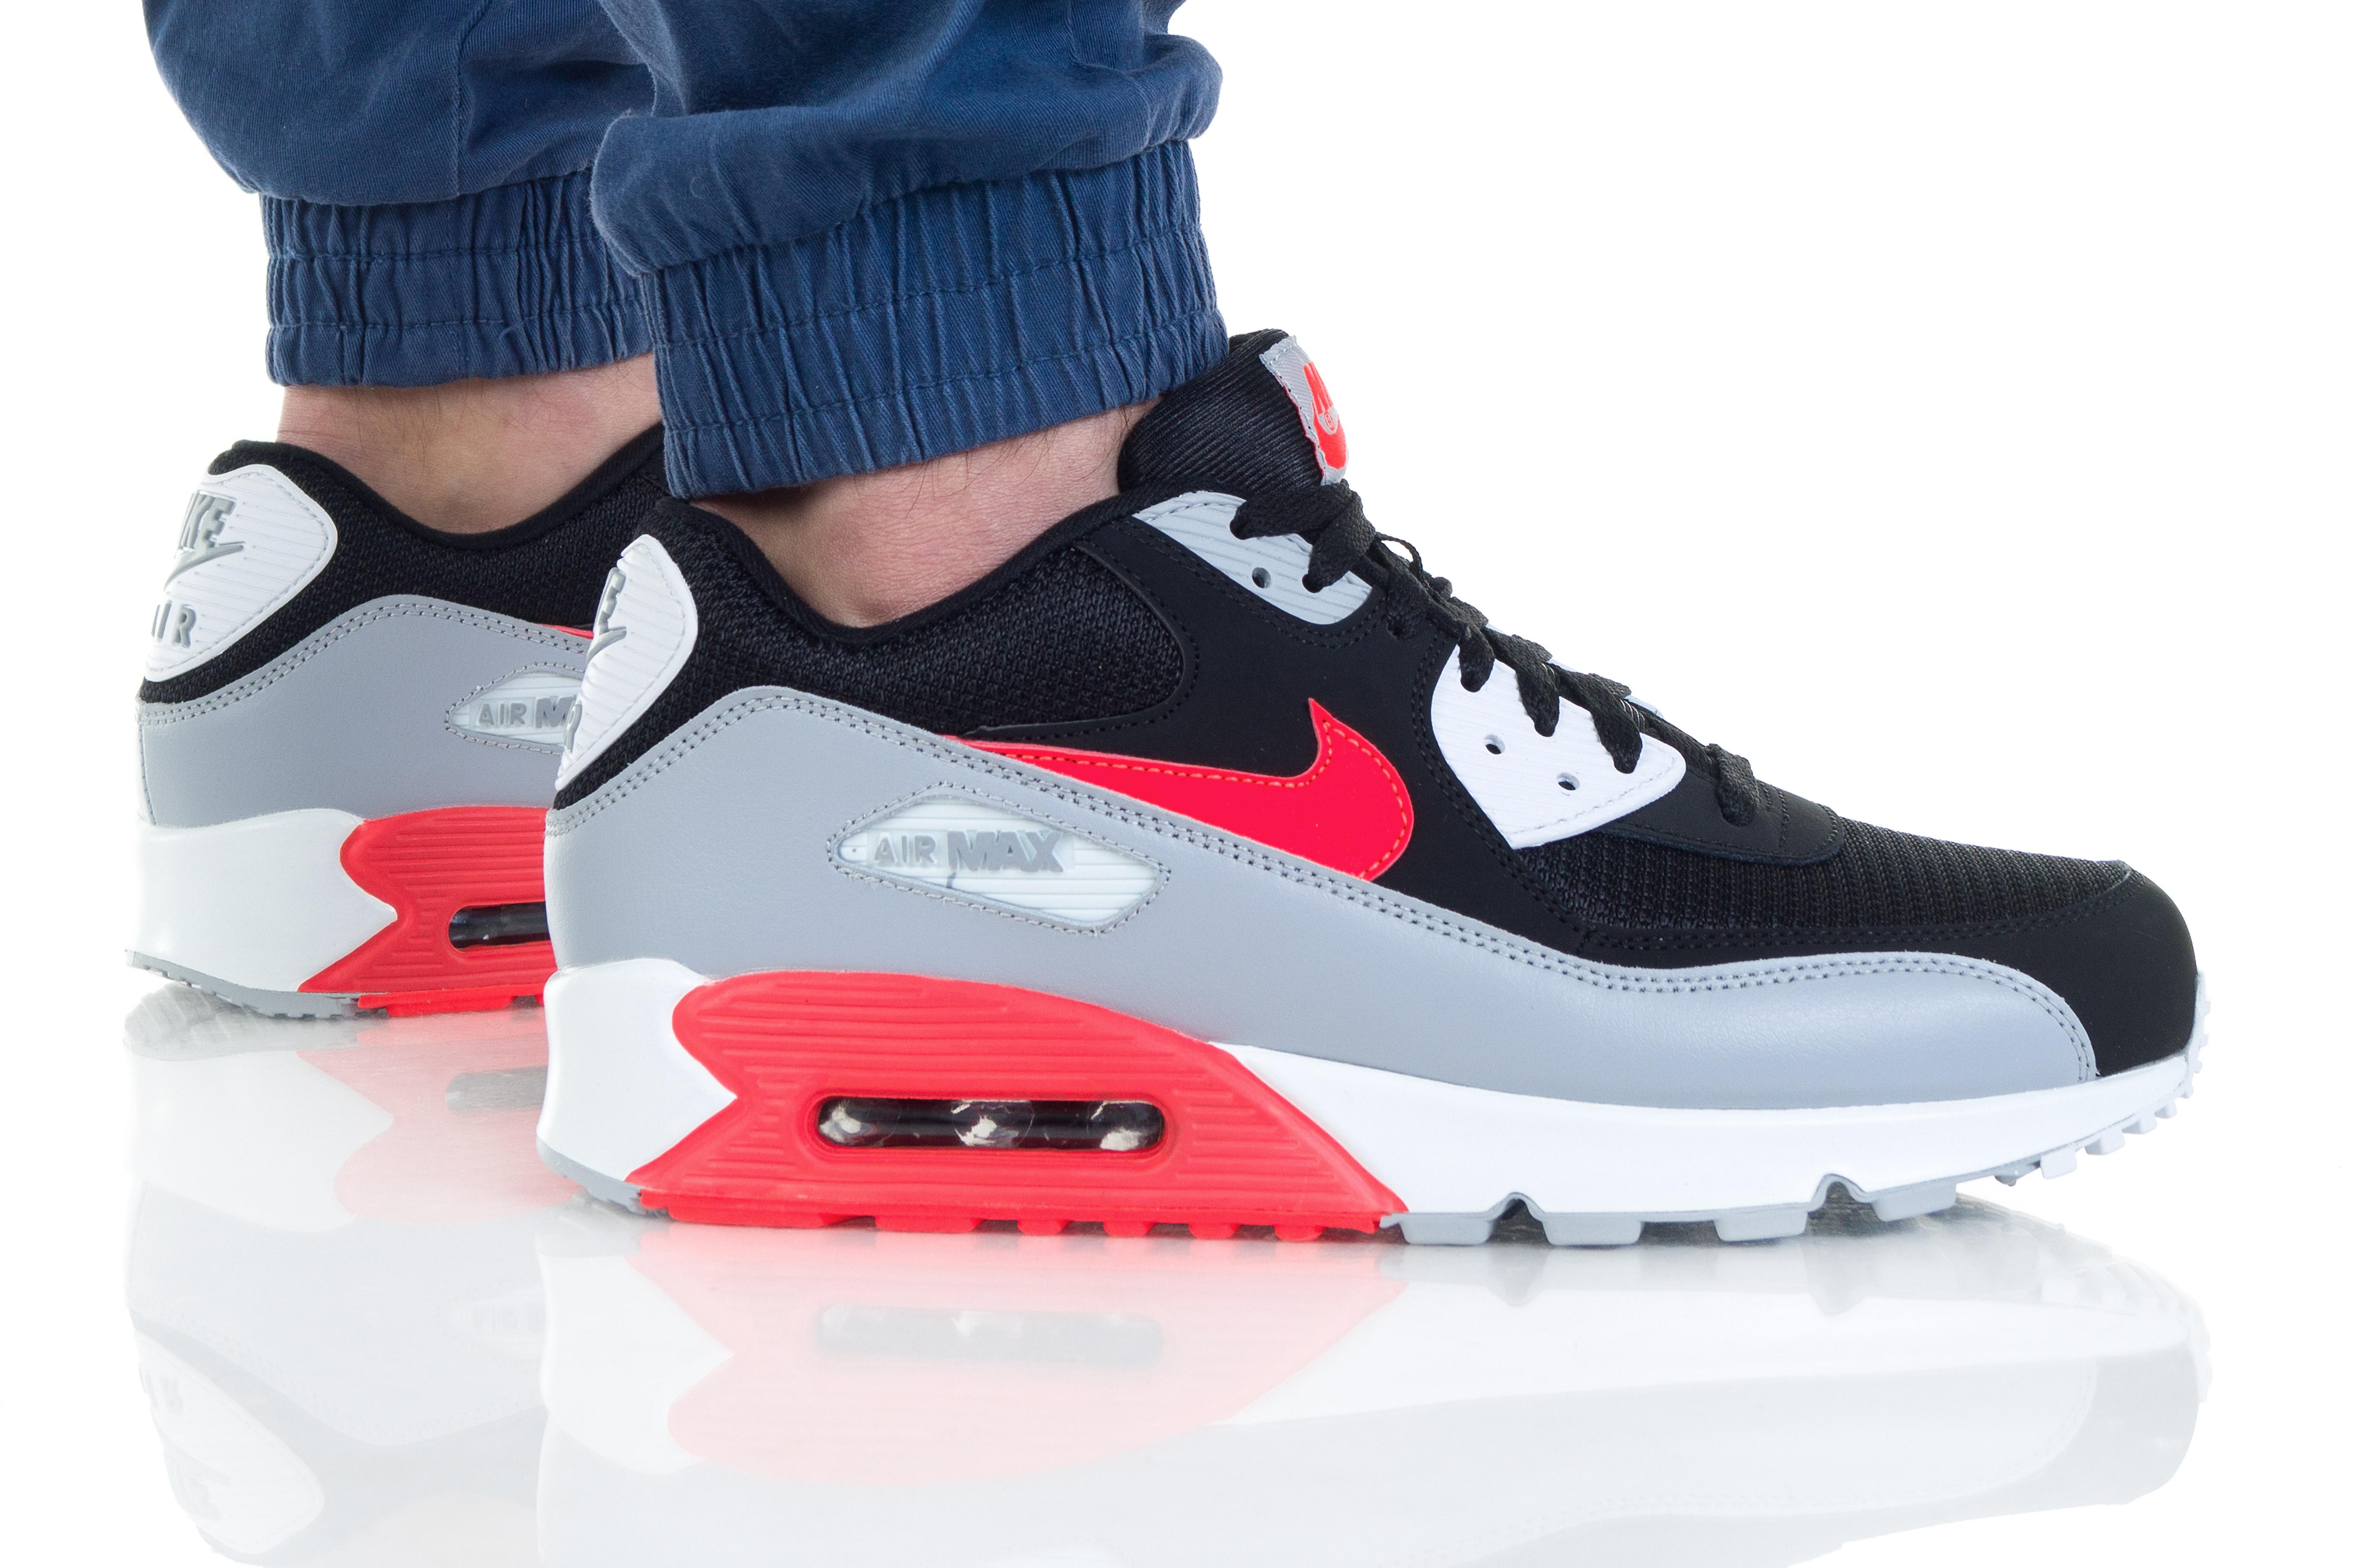 נעליים נייק לגברים Nike Air Max 90 Essential - אפור/אדום